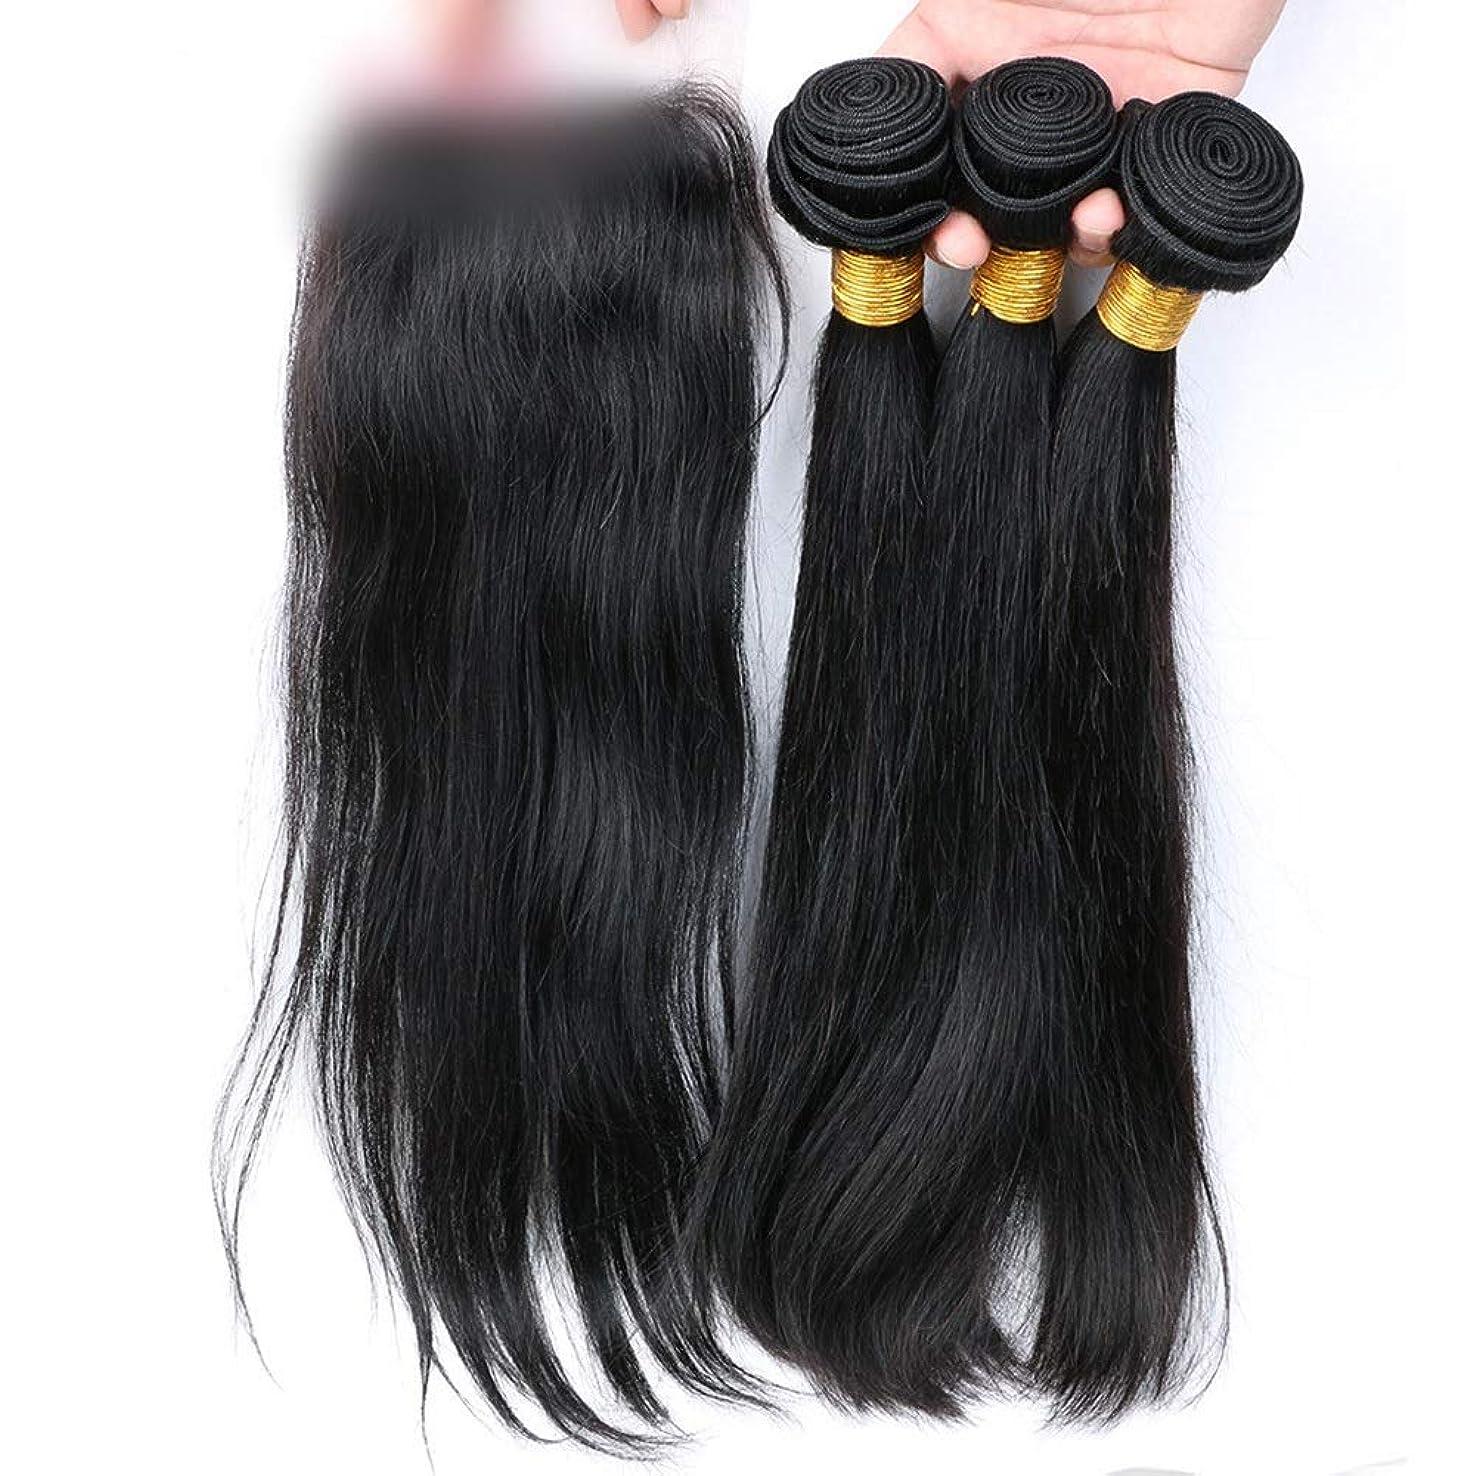 気配りのあるのれん実施するBOBIDYEE ブラジルストレートヘア100%本物の人間の髪の毛の拡張子レース前頭閉鎖自然に見える合成髪レースかつらロールプレイングかつら (色 : 黒, サイズ : 14 inch)